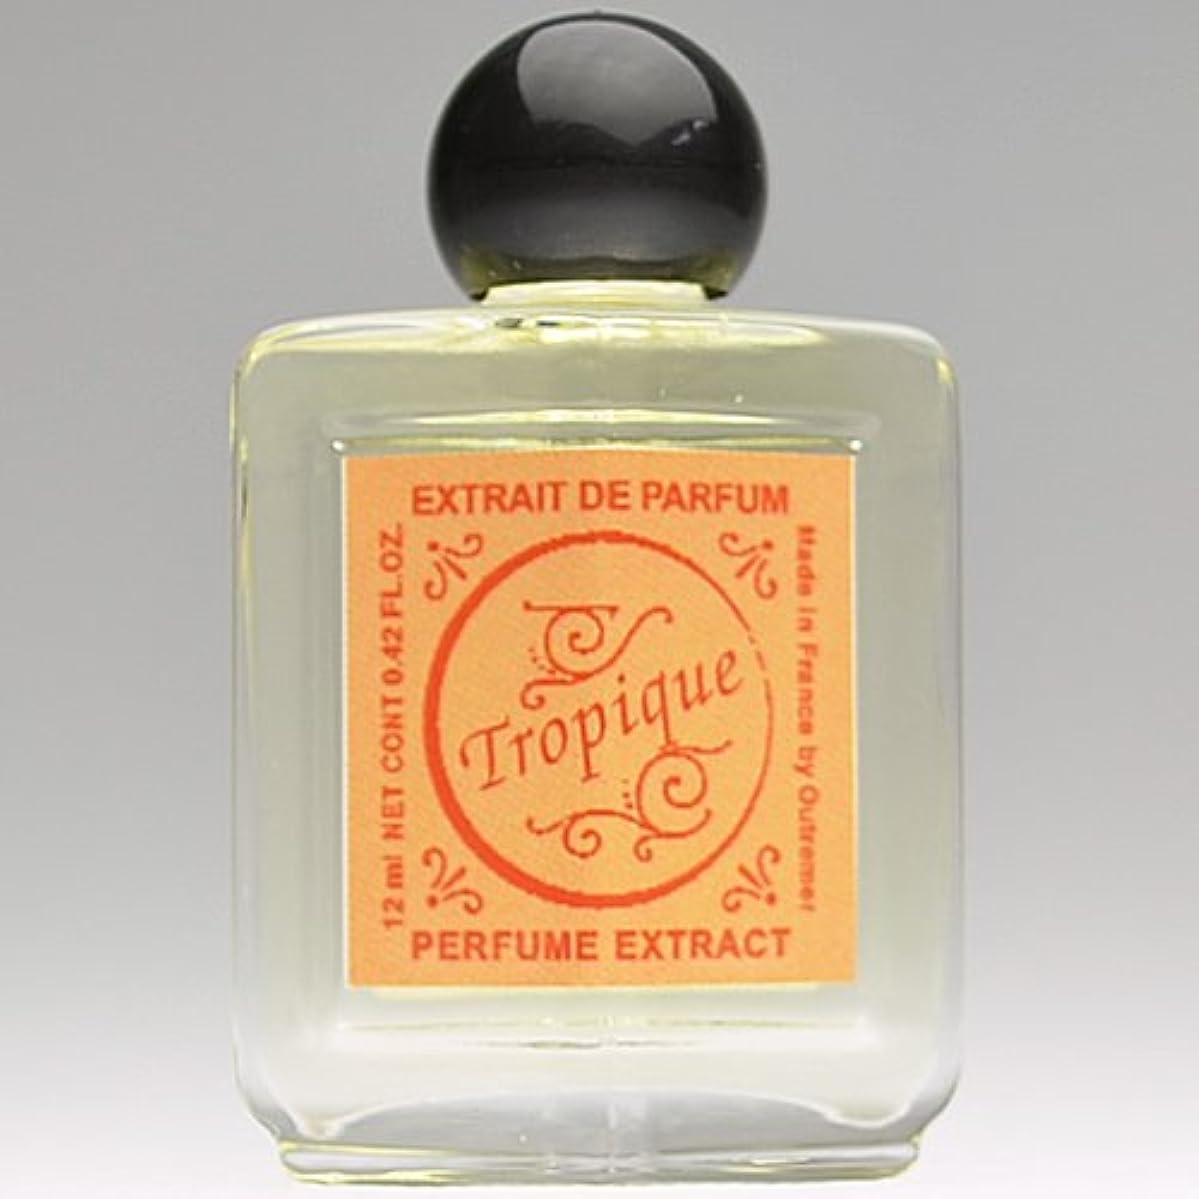 おとこコマースかび臭いL'Aromarine(アロマリン) パフュームエクストラクト(アロマオイル) 12ml 「カシス」 4994228017000